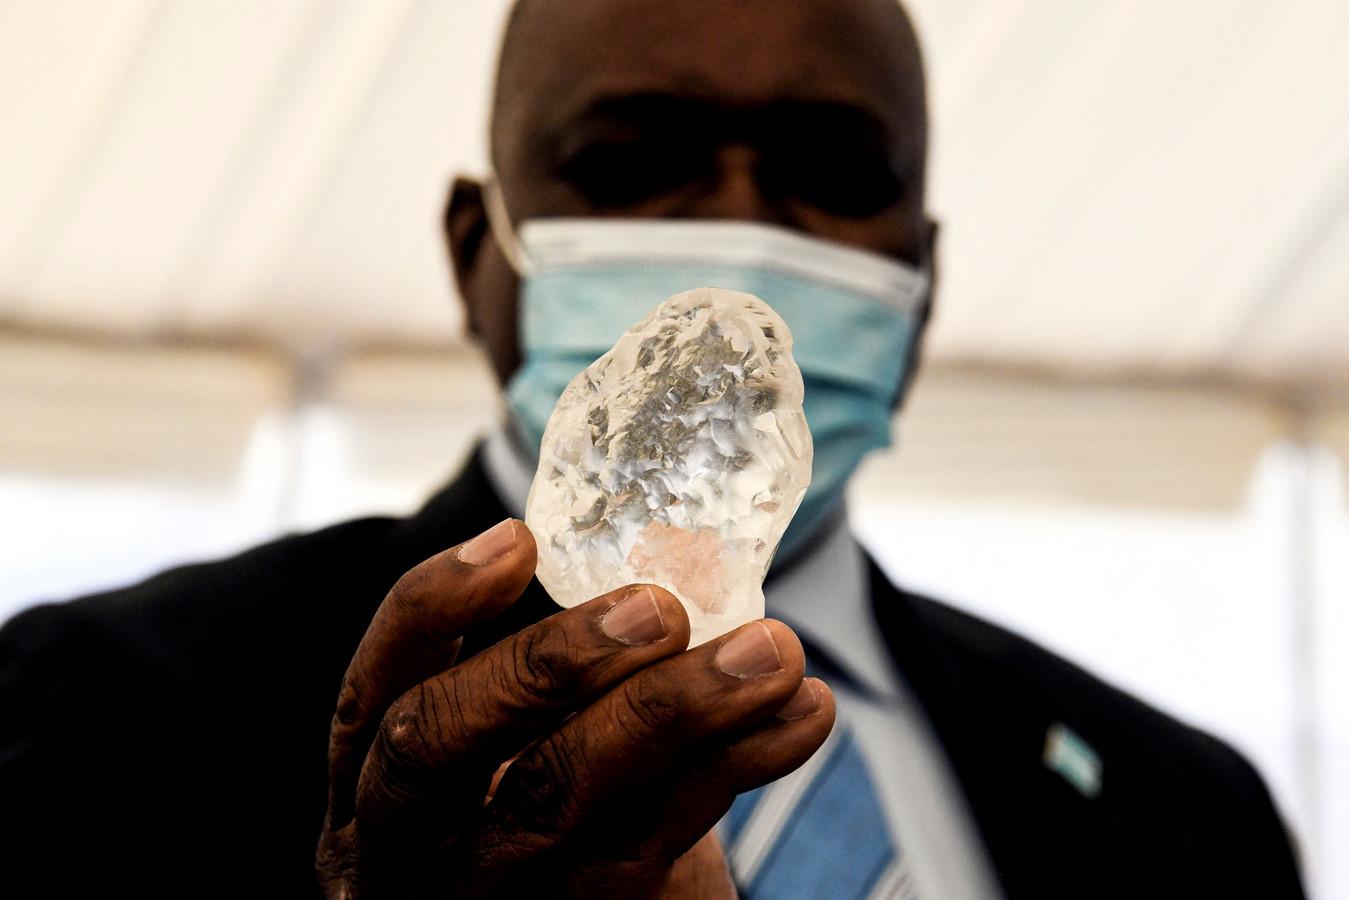 Cette pierre, découverte le 1er juin, a été montrée au président botswanais Mokgweetsi Masisi dans la capitale, Gaborone.